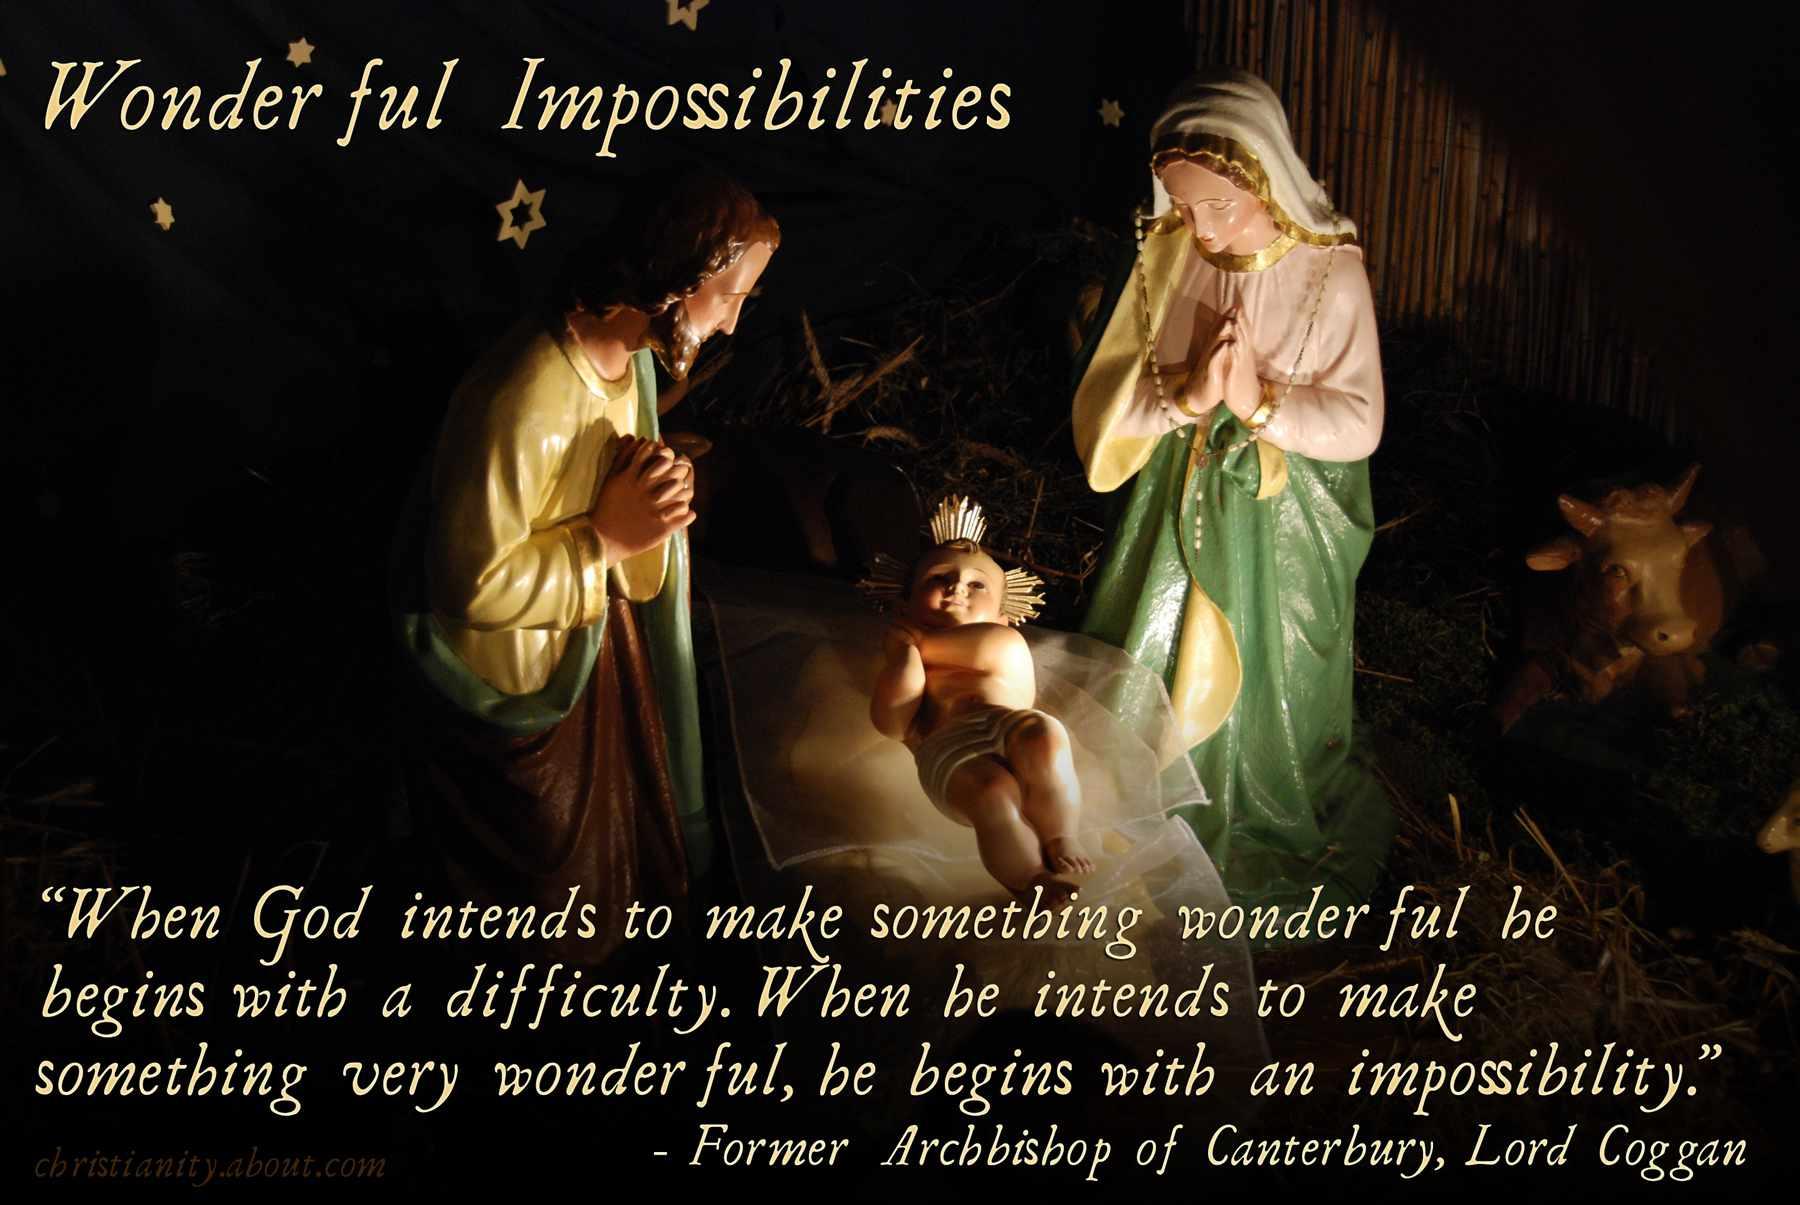 Wonderful Impossibilities